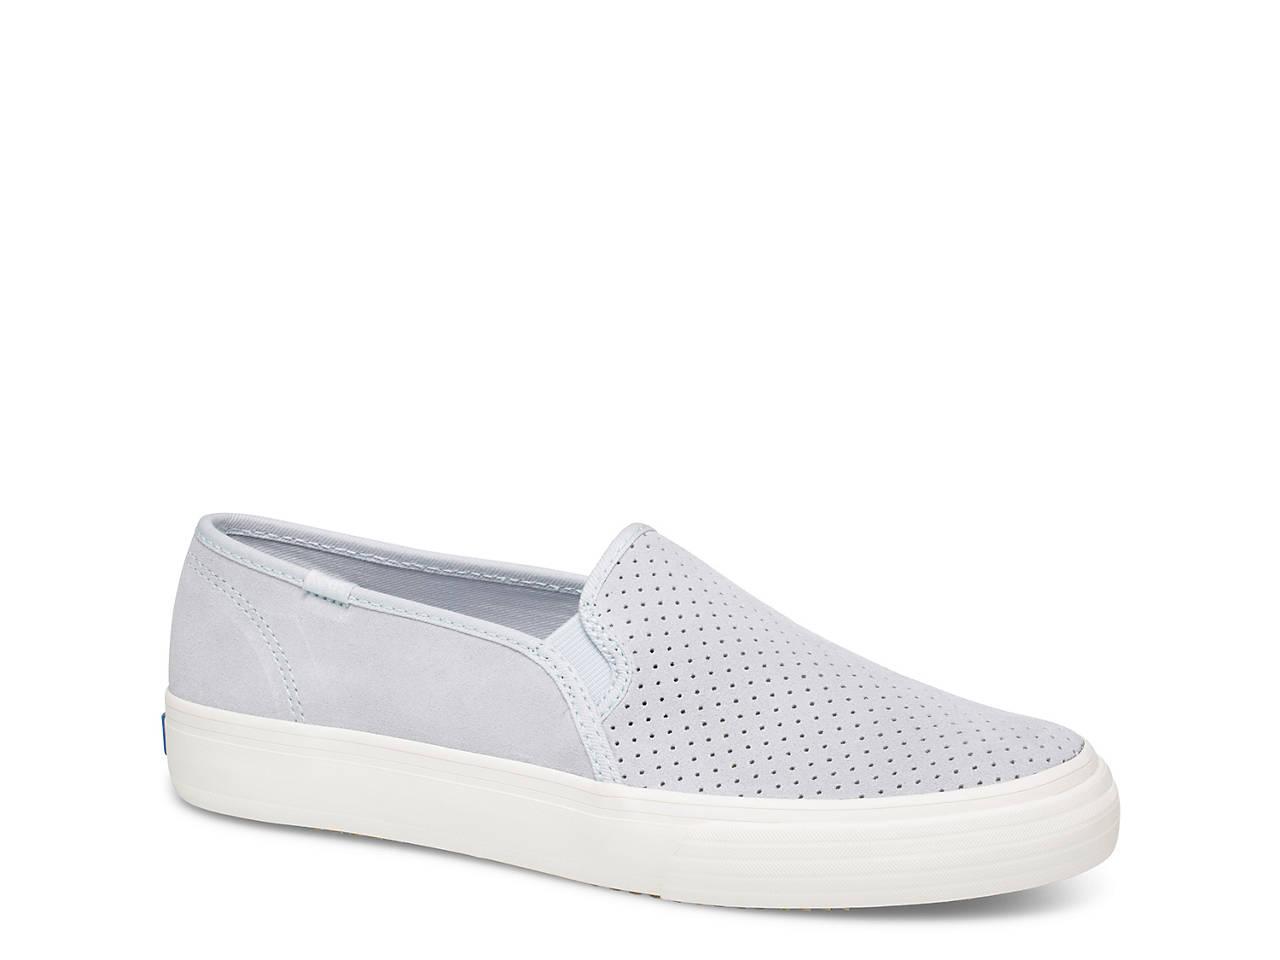 f00483373890 Keds Double Decker Slip-On Sneaker Women s Shoes